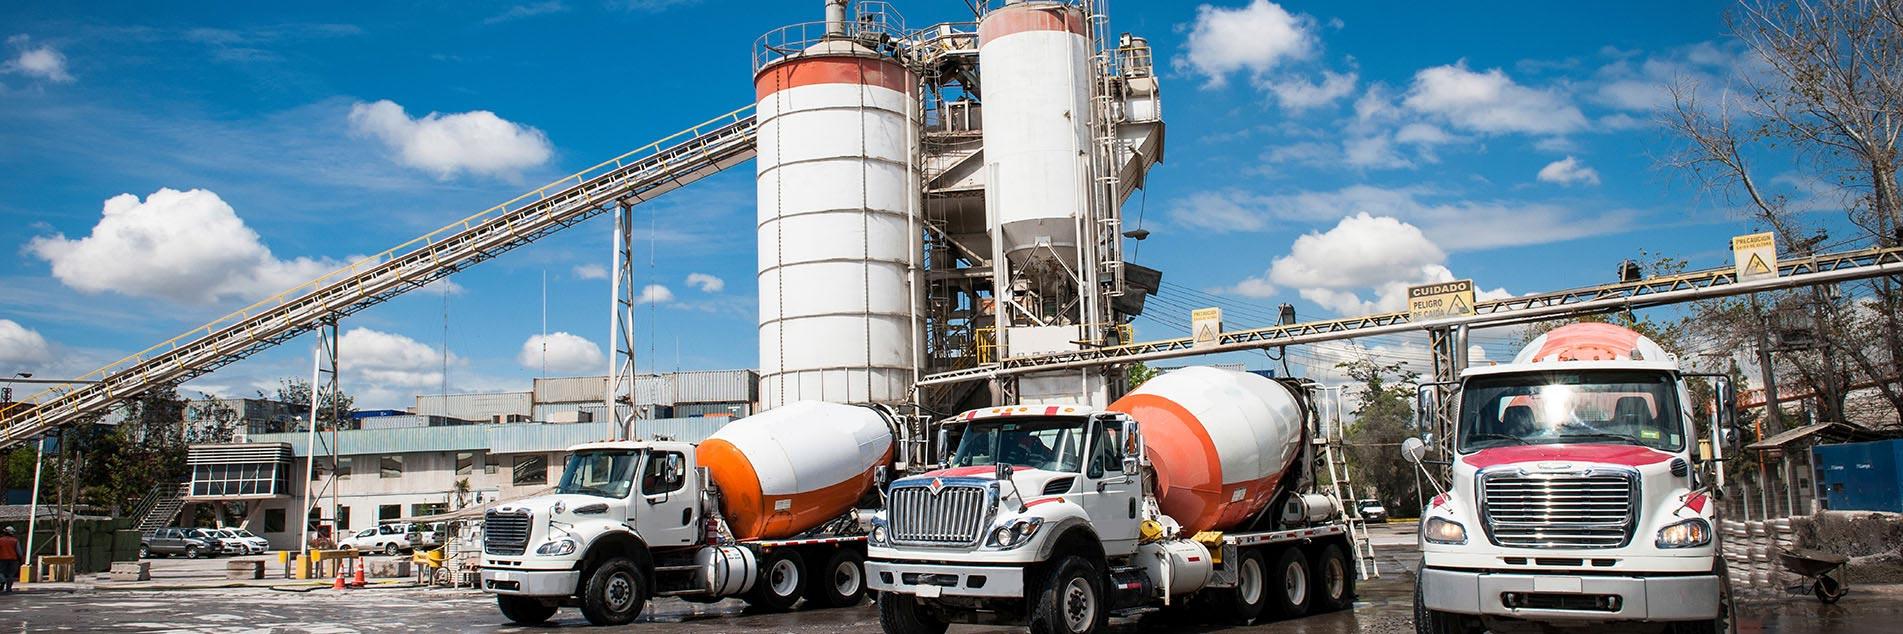 Бетон купить в пензе авито содержание цемента в бетонной смеси